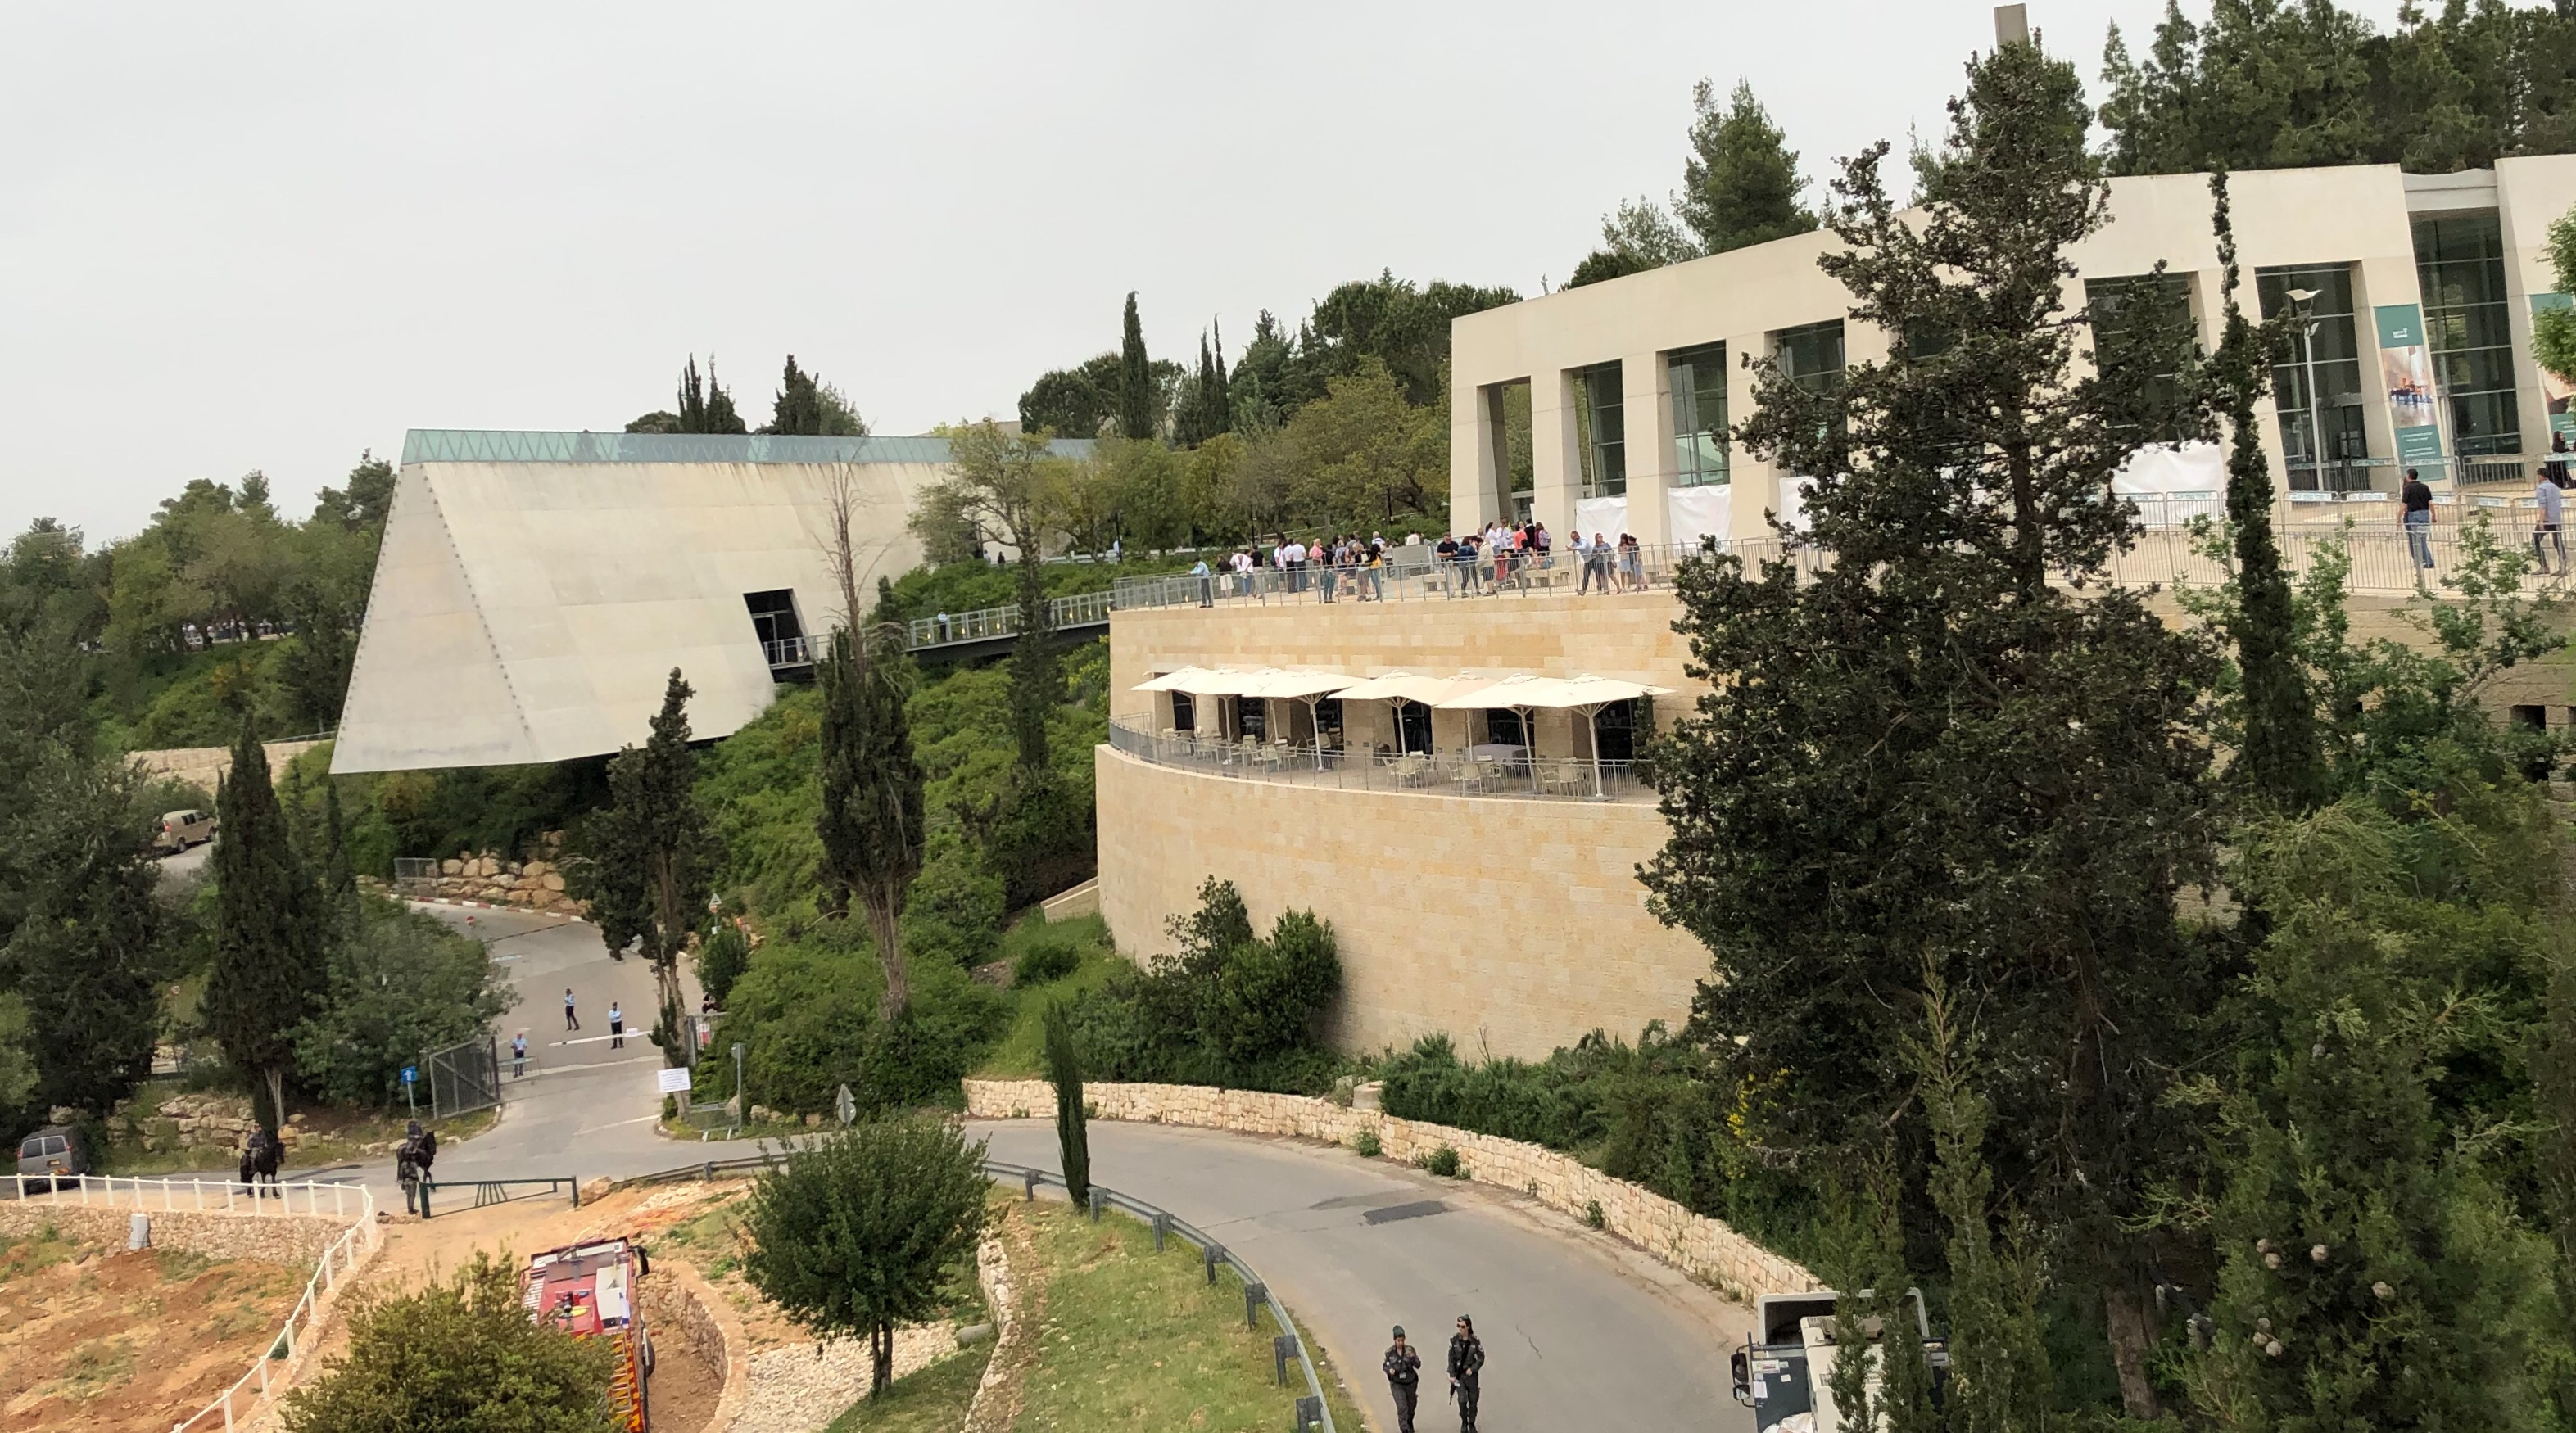 Yad VaShem and the Israeli National Museum